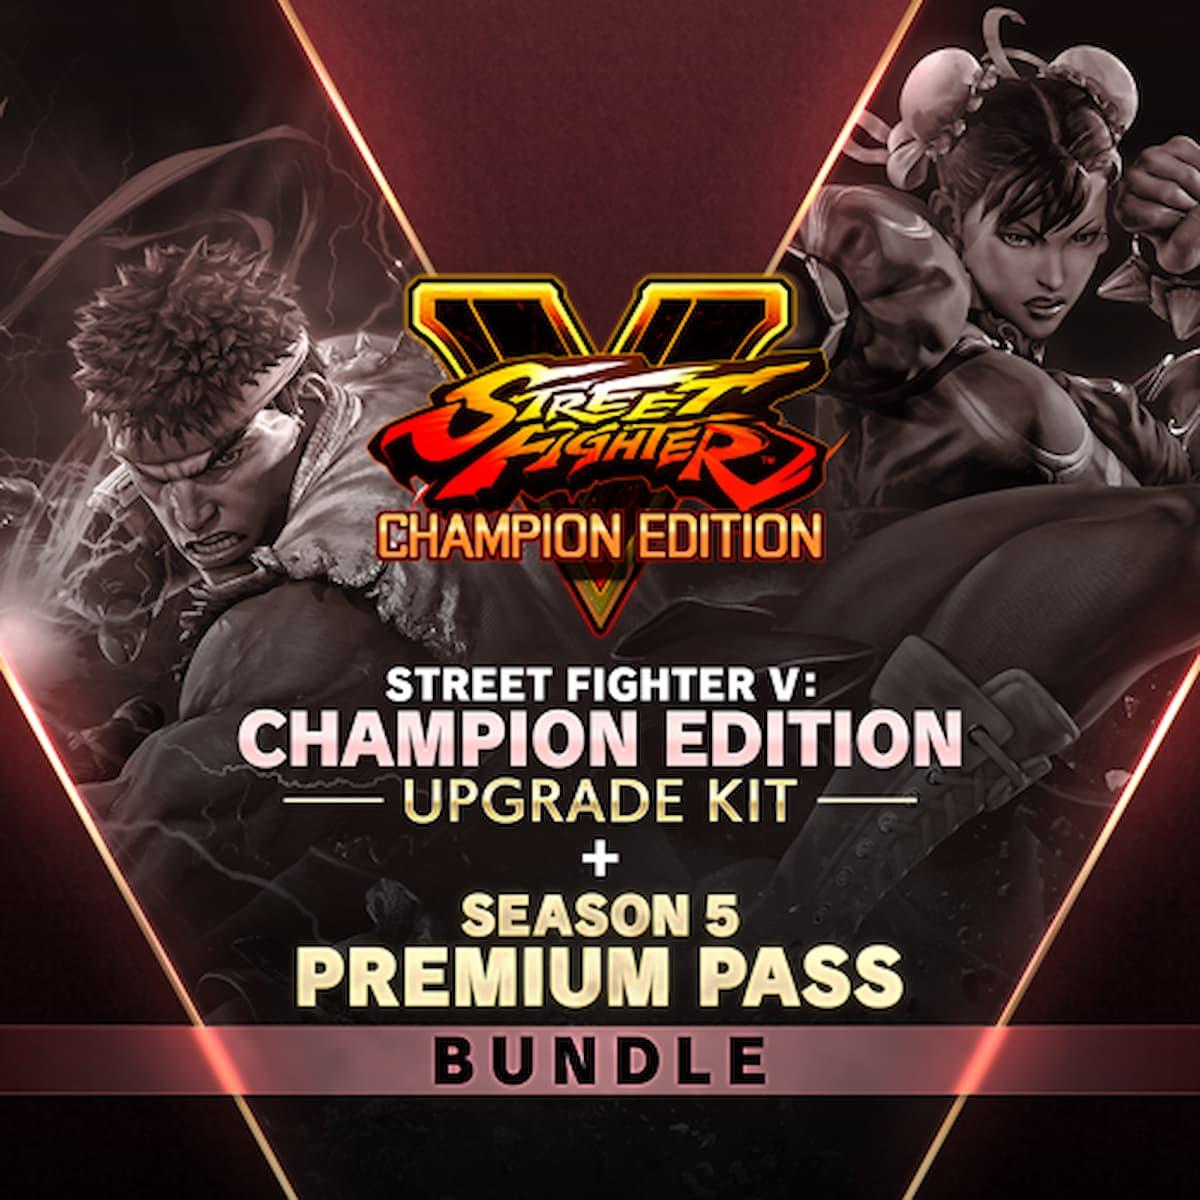 STREET FIGHTER V - チャンピオンエディション アップグレードキット + シーズン 5 プレミアムパス バンドル